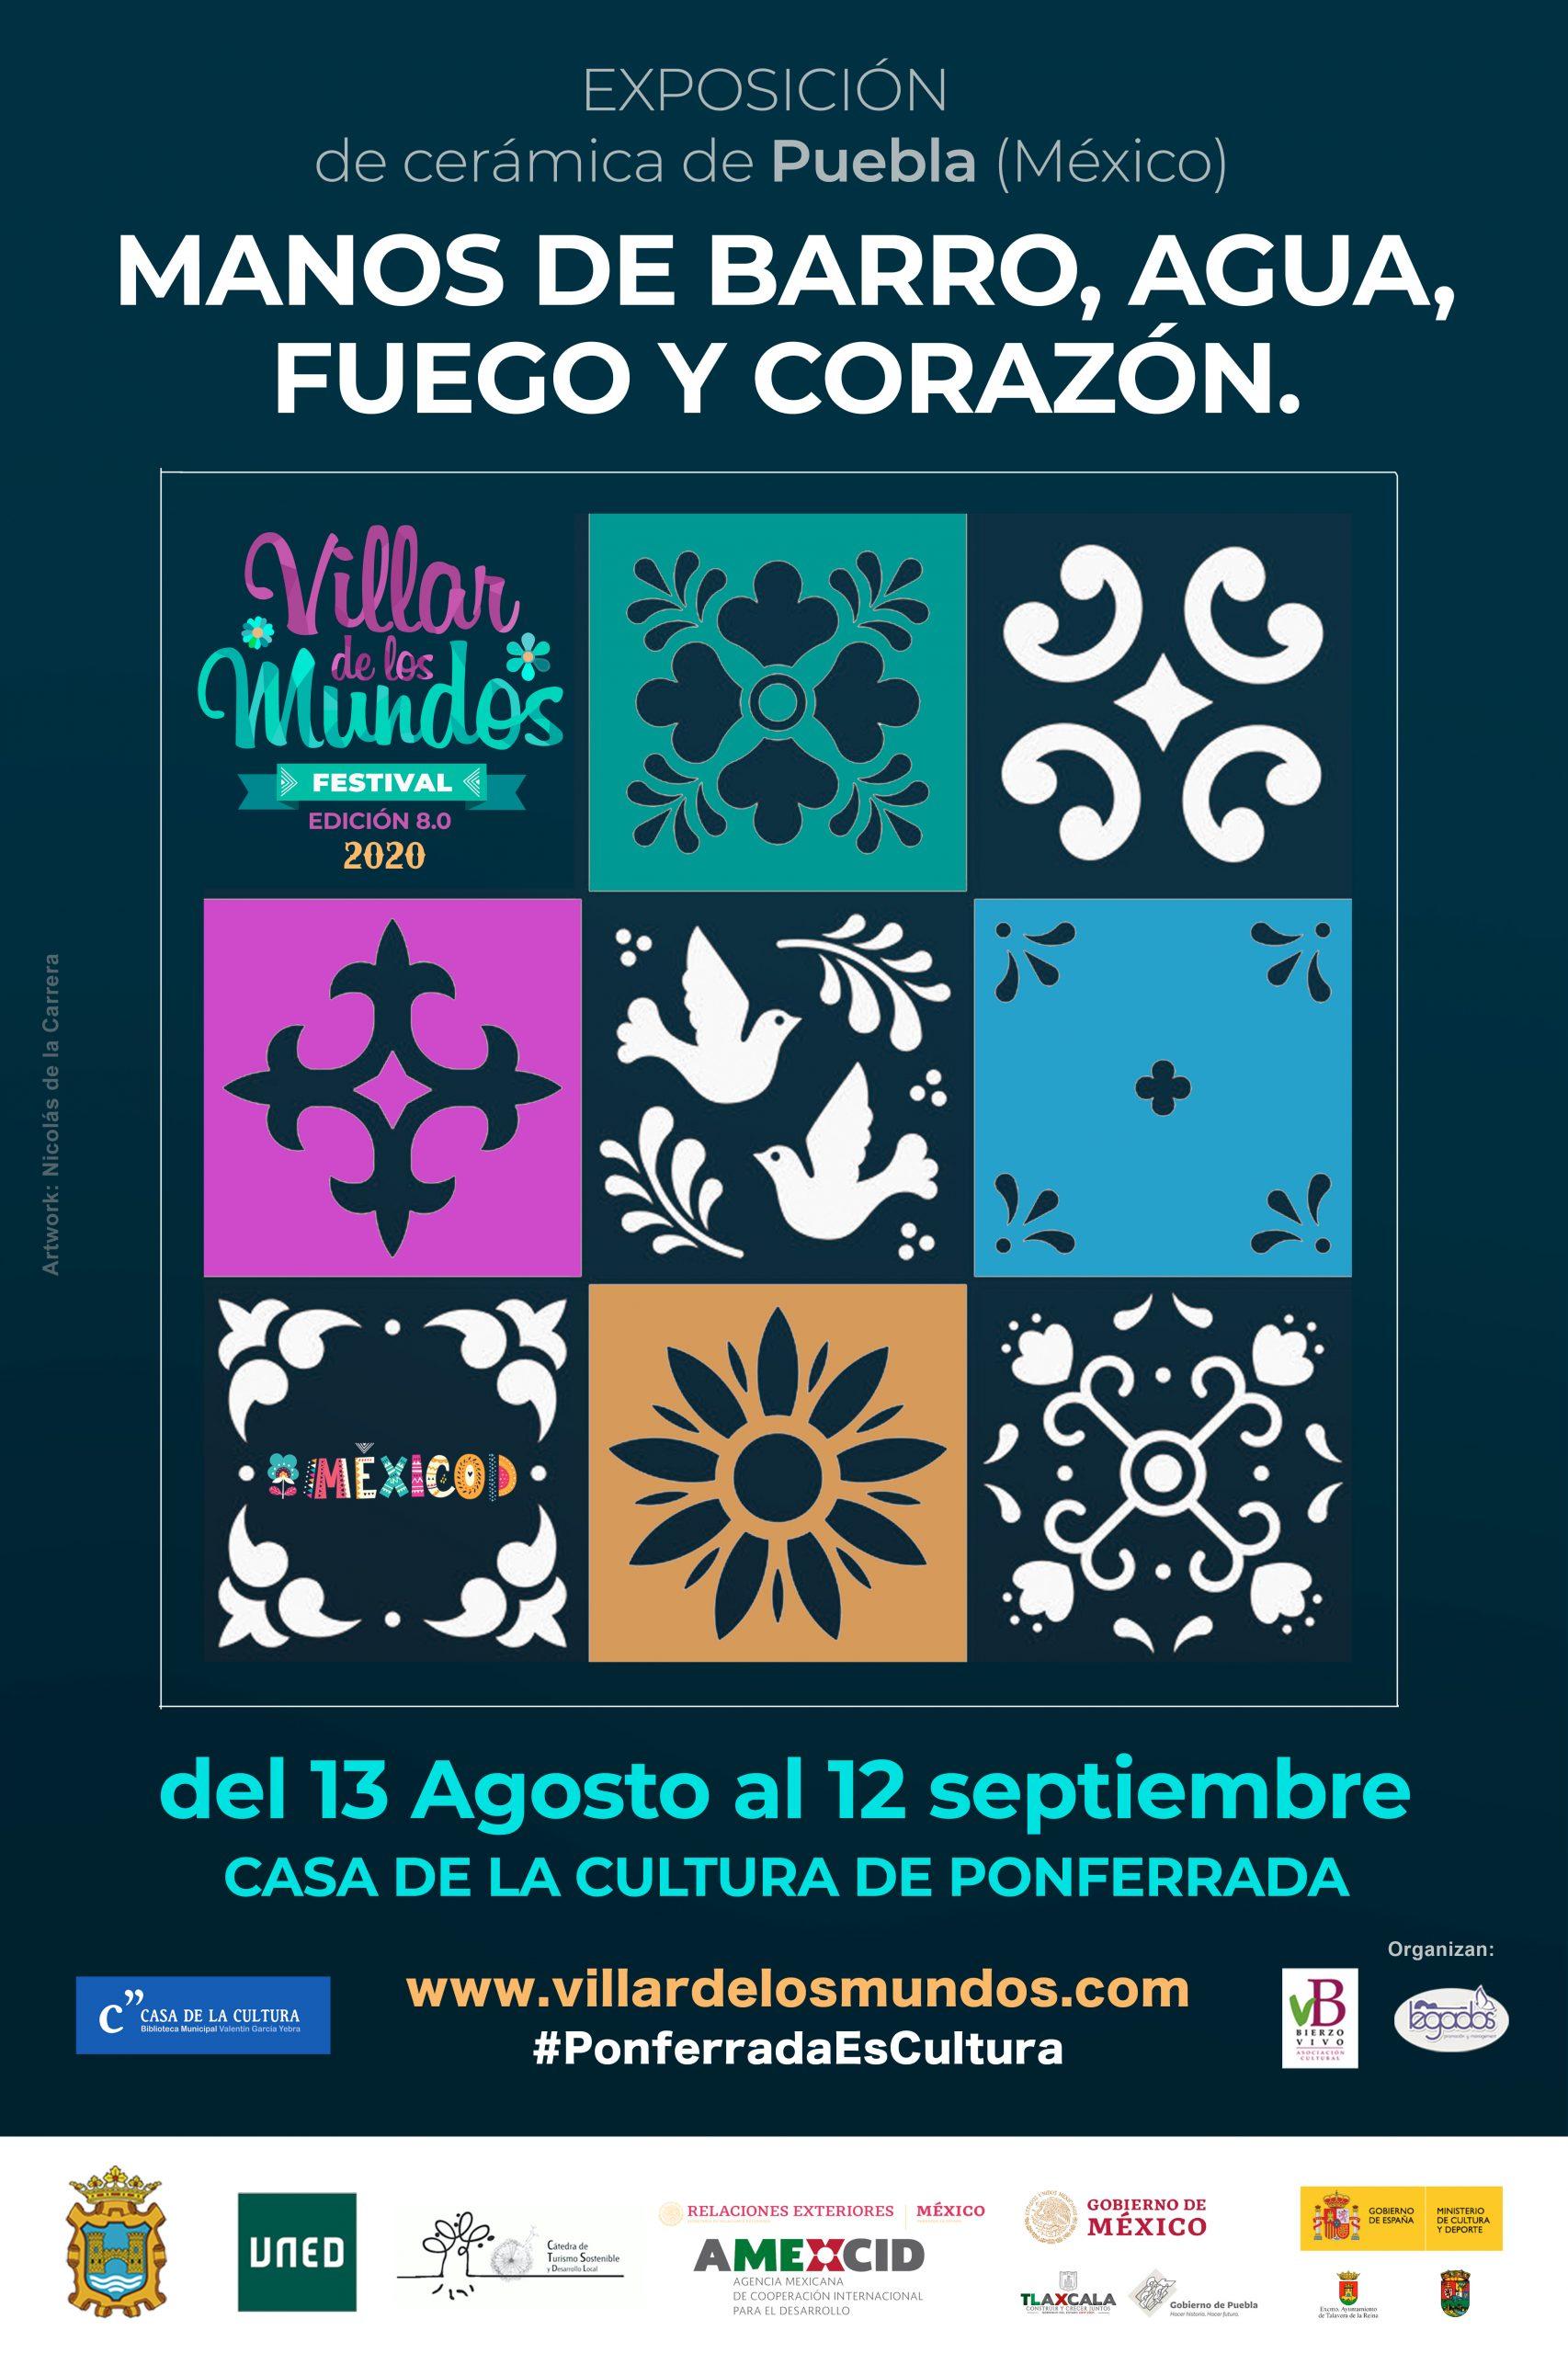 Inaugurada en la Casa de la Cultura de Ponferrada la exposición 'Manos de barro, agua, fuego y corazón' 2